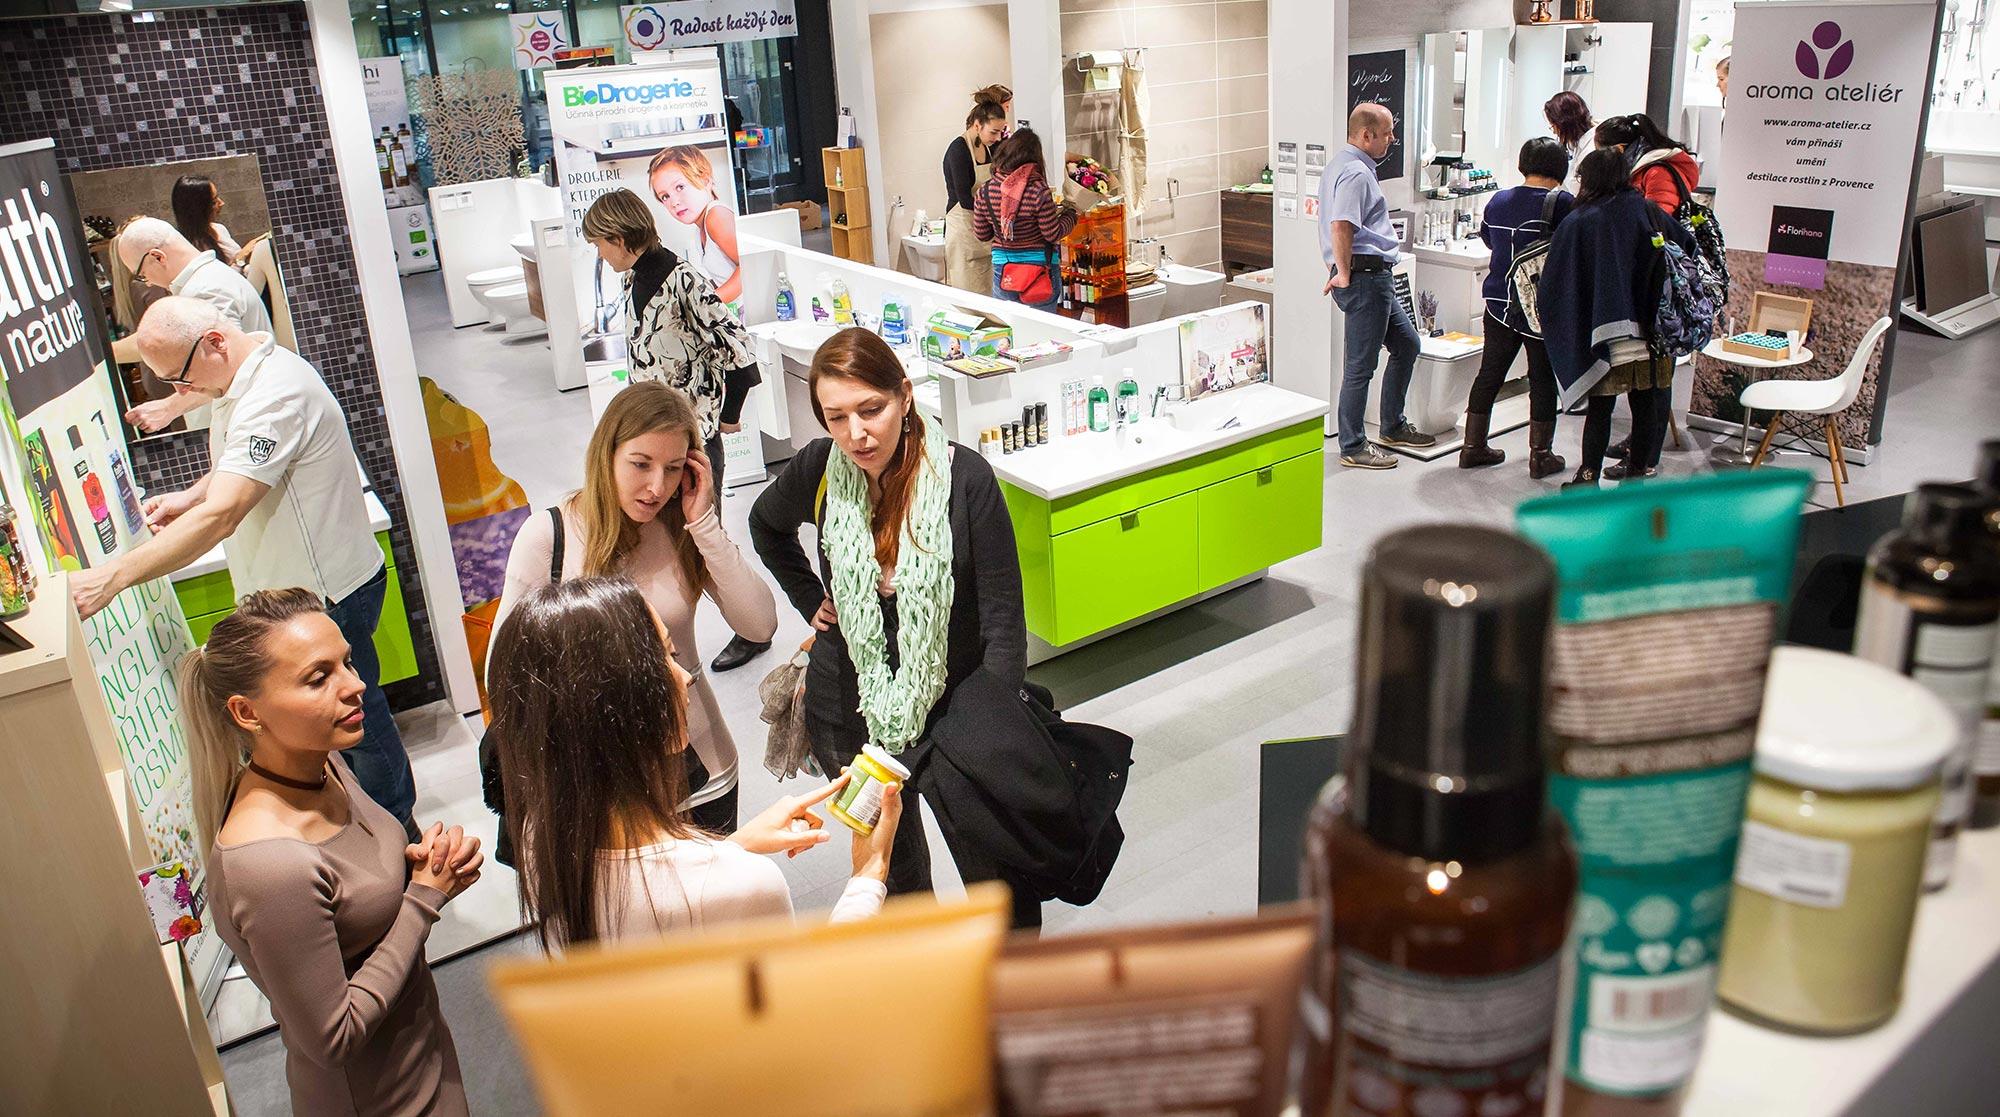 Green Beauty Market Festival Green Beauty Market má ambice být největším pop-up shopem svého druhu v Evropě a rozšířit své působení i do dalších měst po celé ČR.